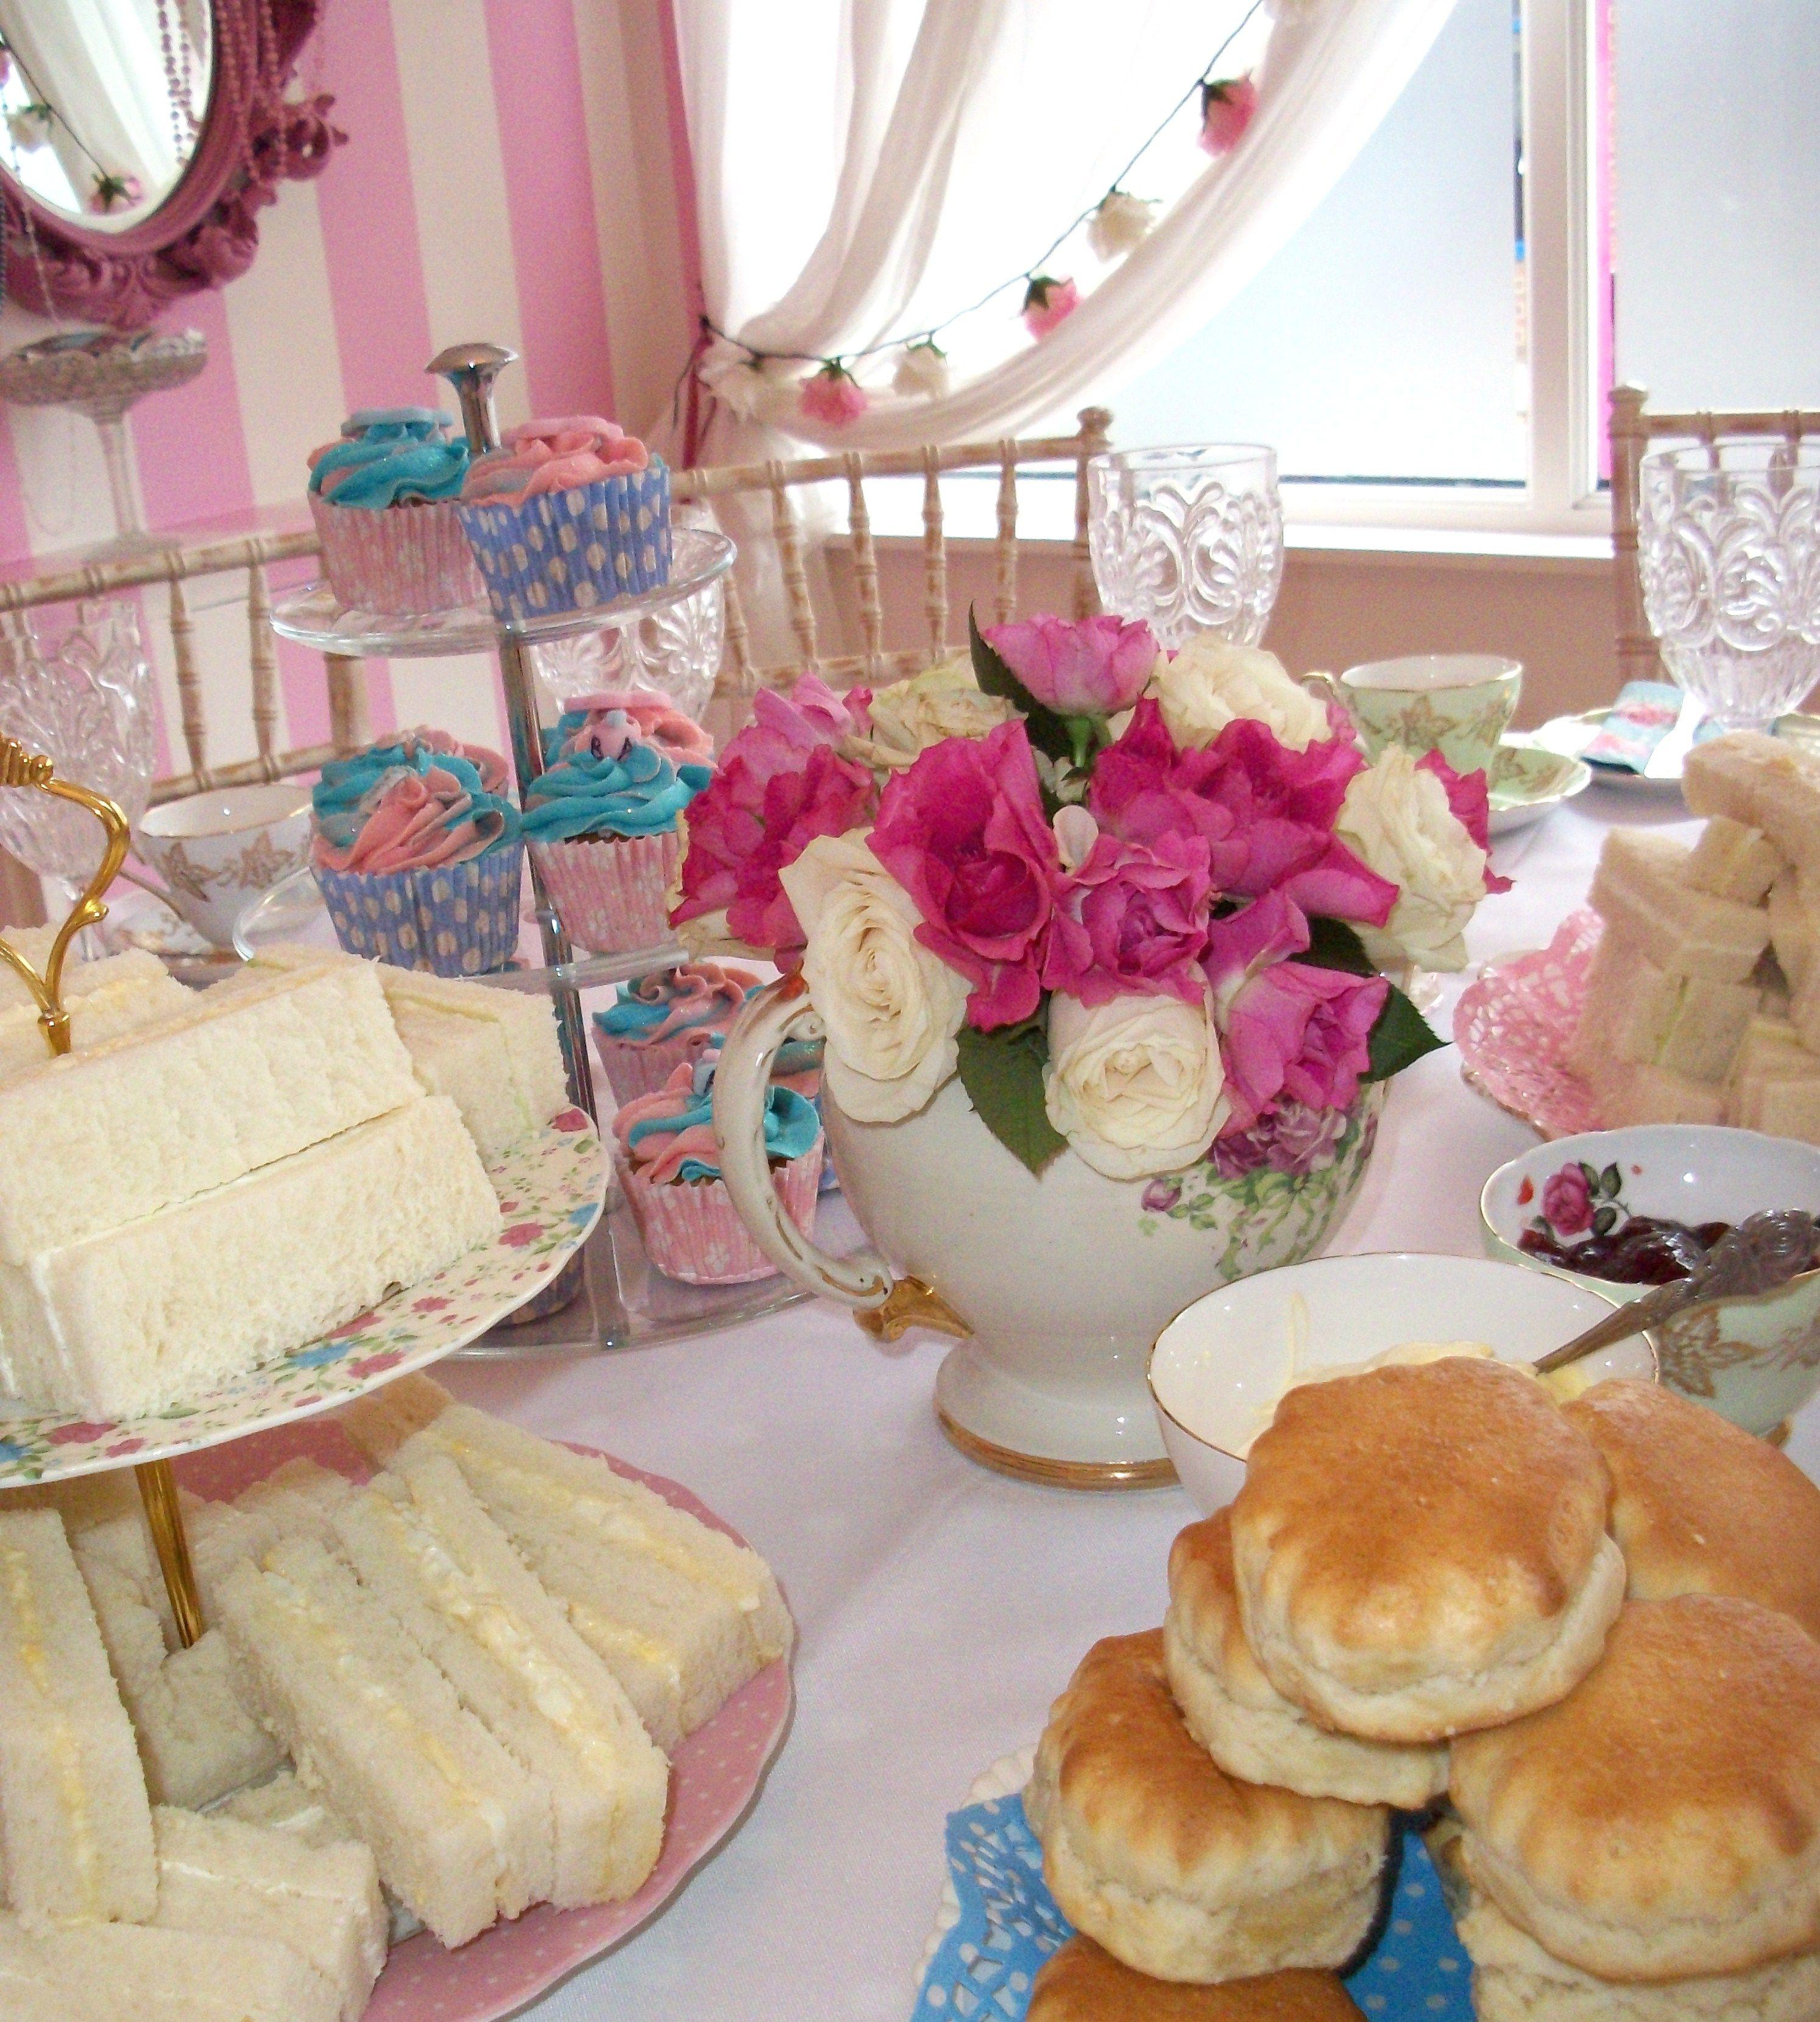 Tearoom | Tea House | Pinterest | Teas, Tea parties and Afternoon tea